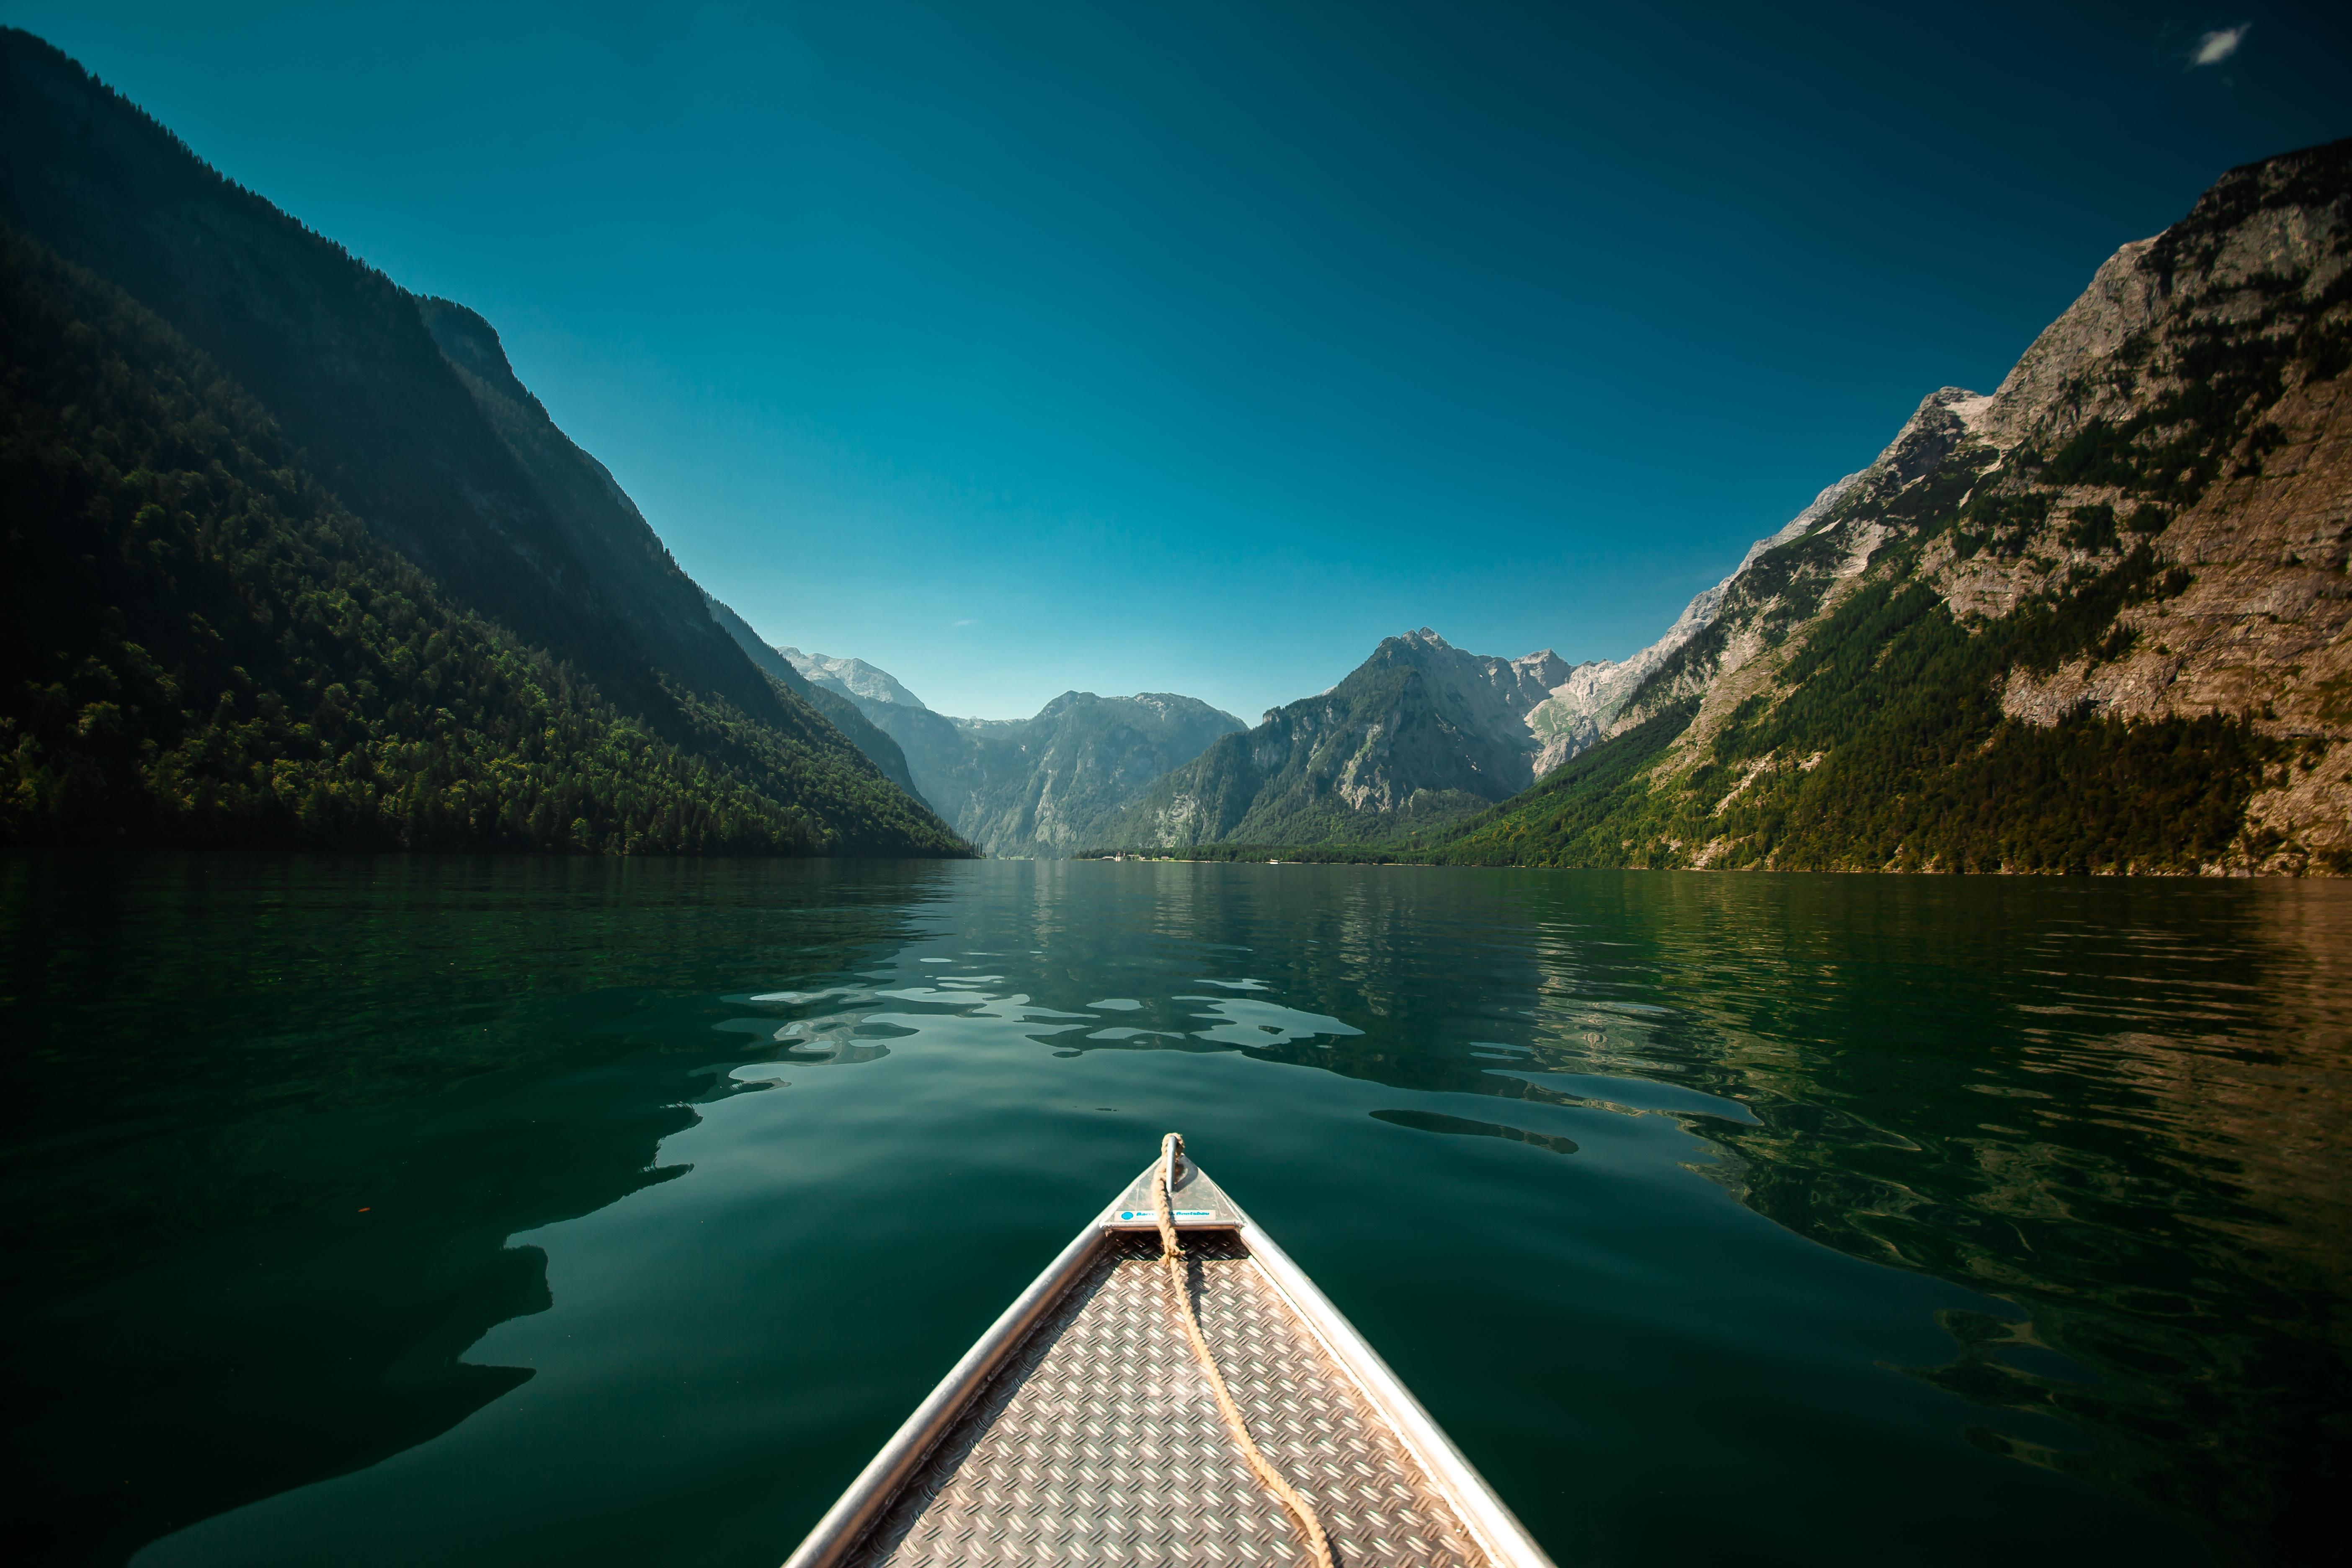 солнце в горах озеро яхты картинки можете выбрать